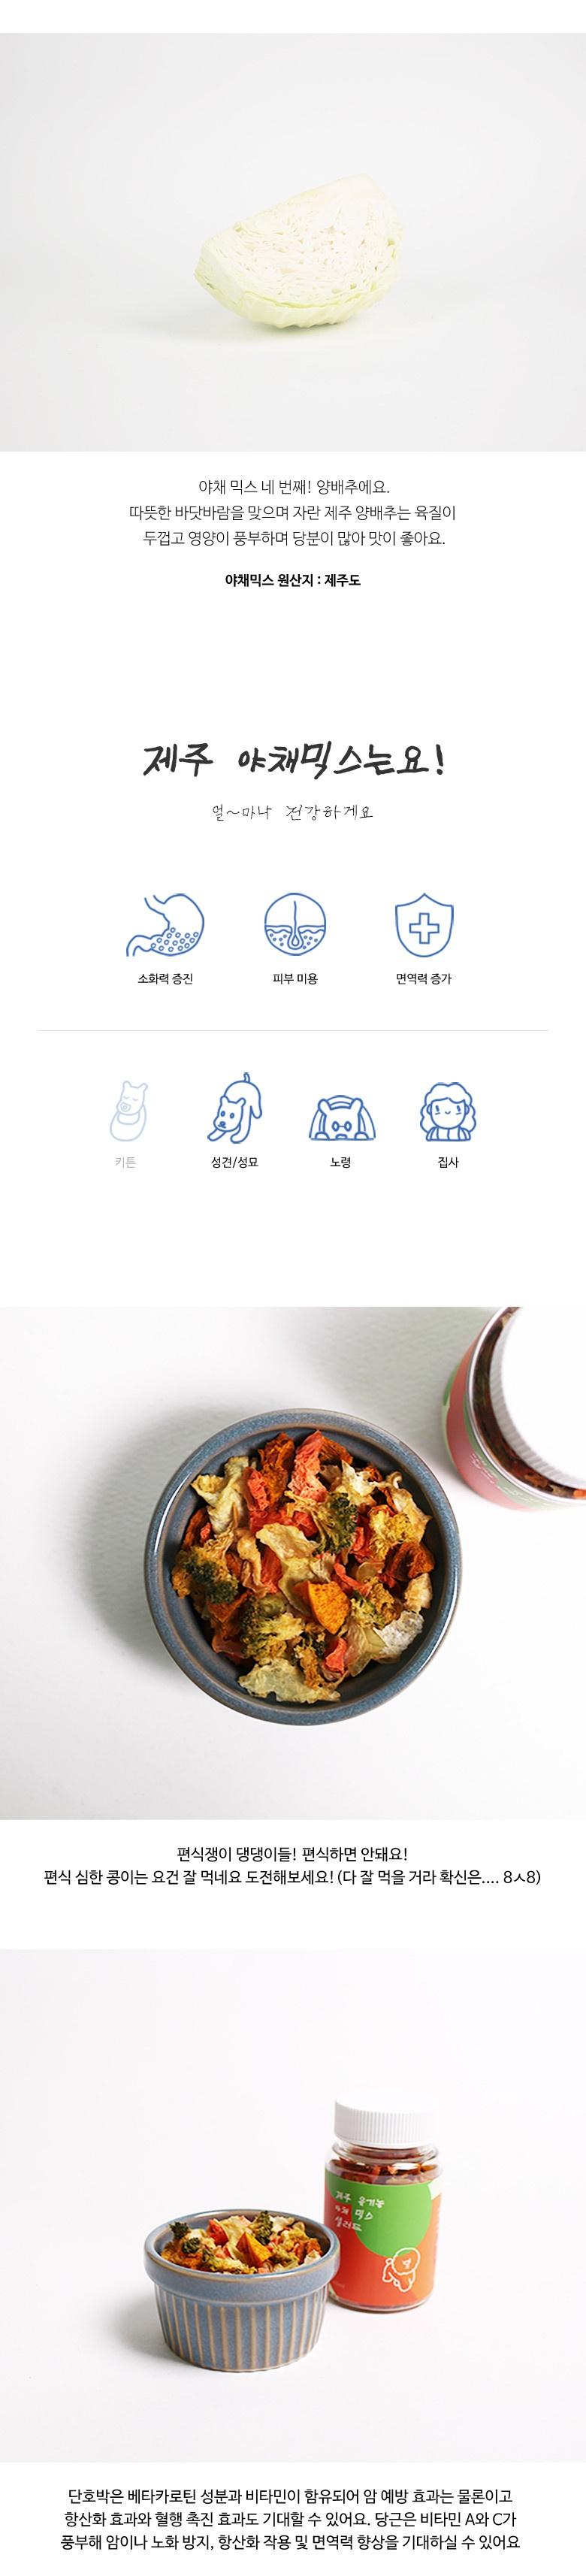 [유통기한 21년07월29일] 어글어글 제주 친환경 야채 믹스 샐러드 (15g/45g)-상품이미지-2